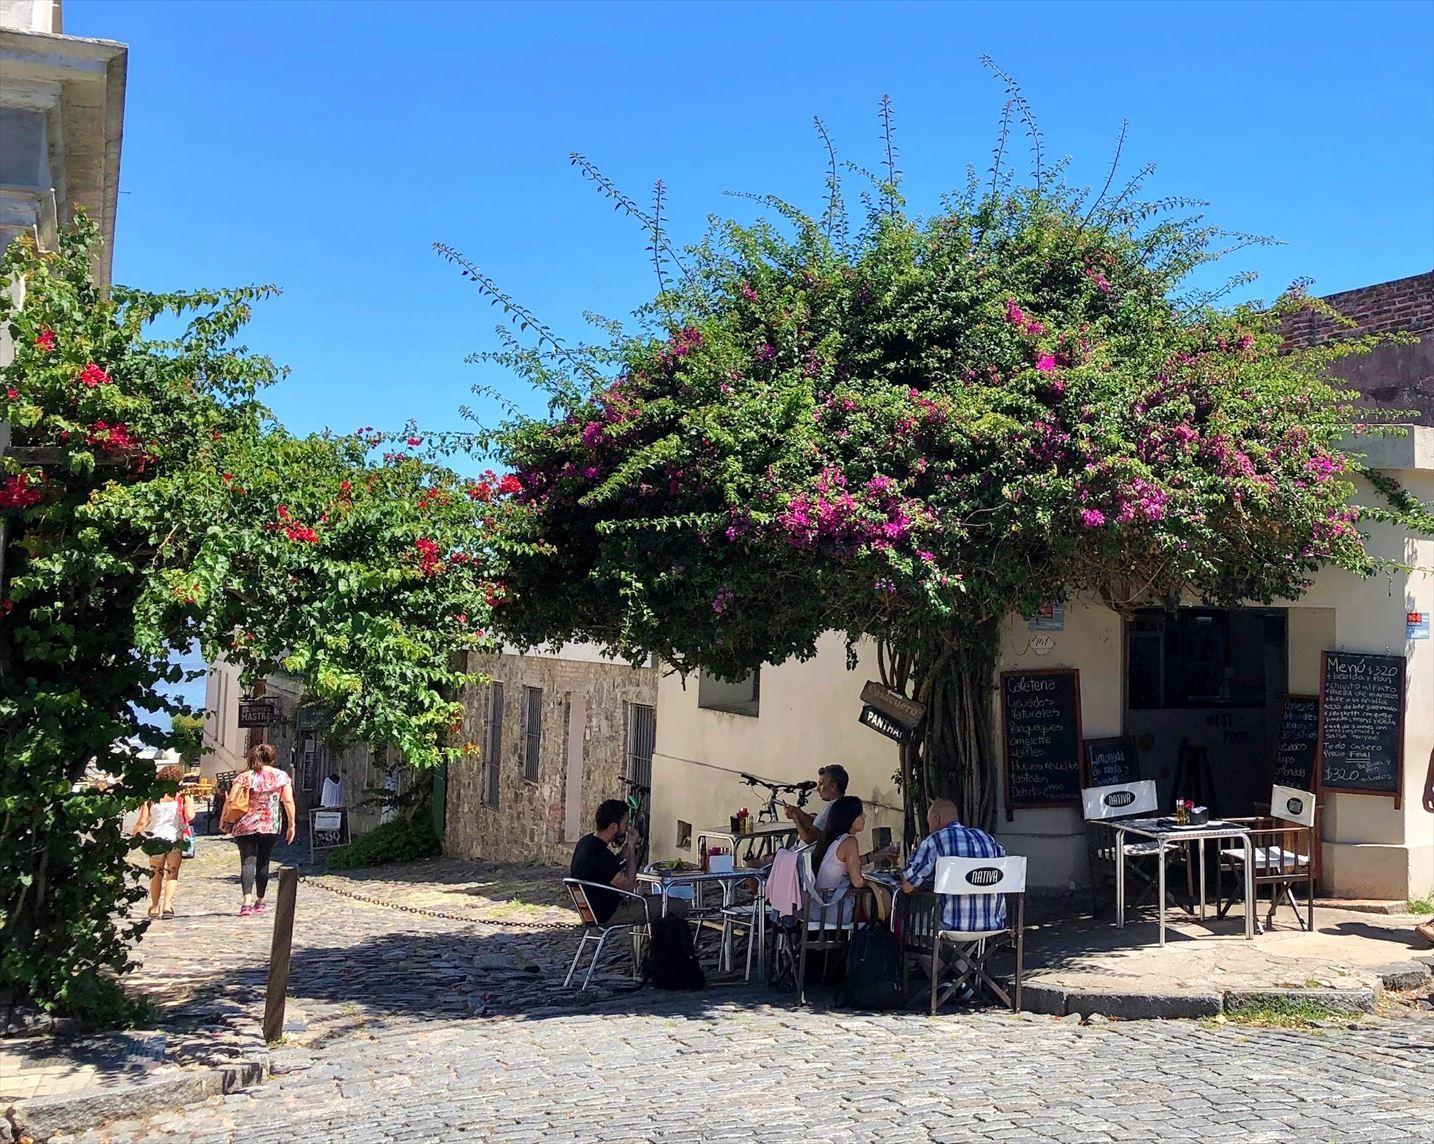 中南米の旅/33 緑に囲まれた街コロニア@ウルグアイ_a0092659_23125871.jpg